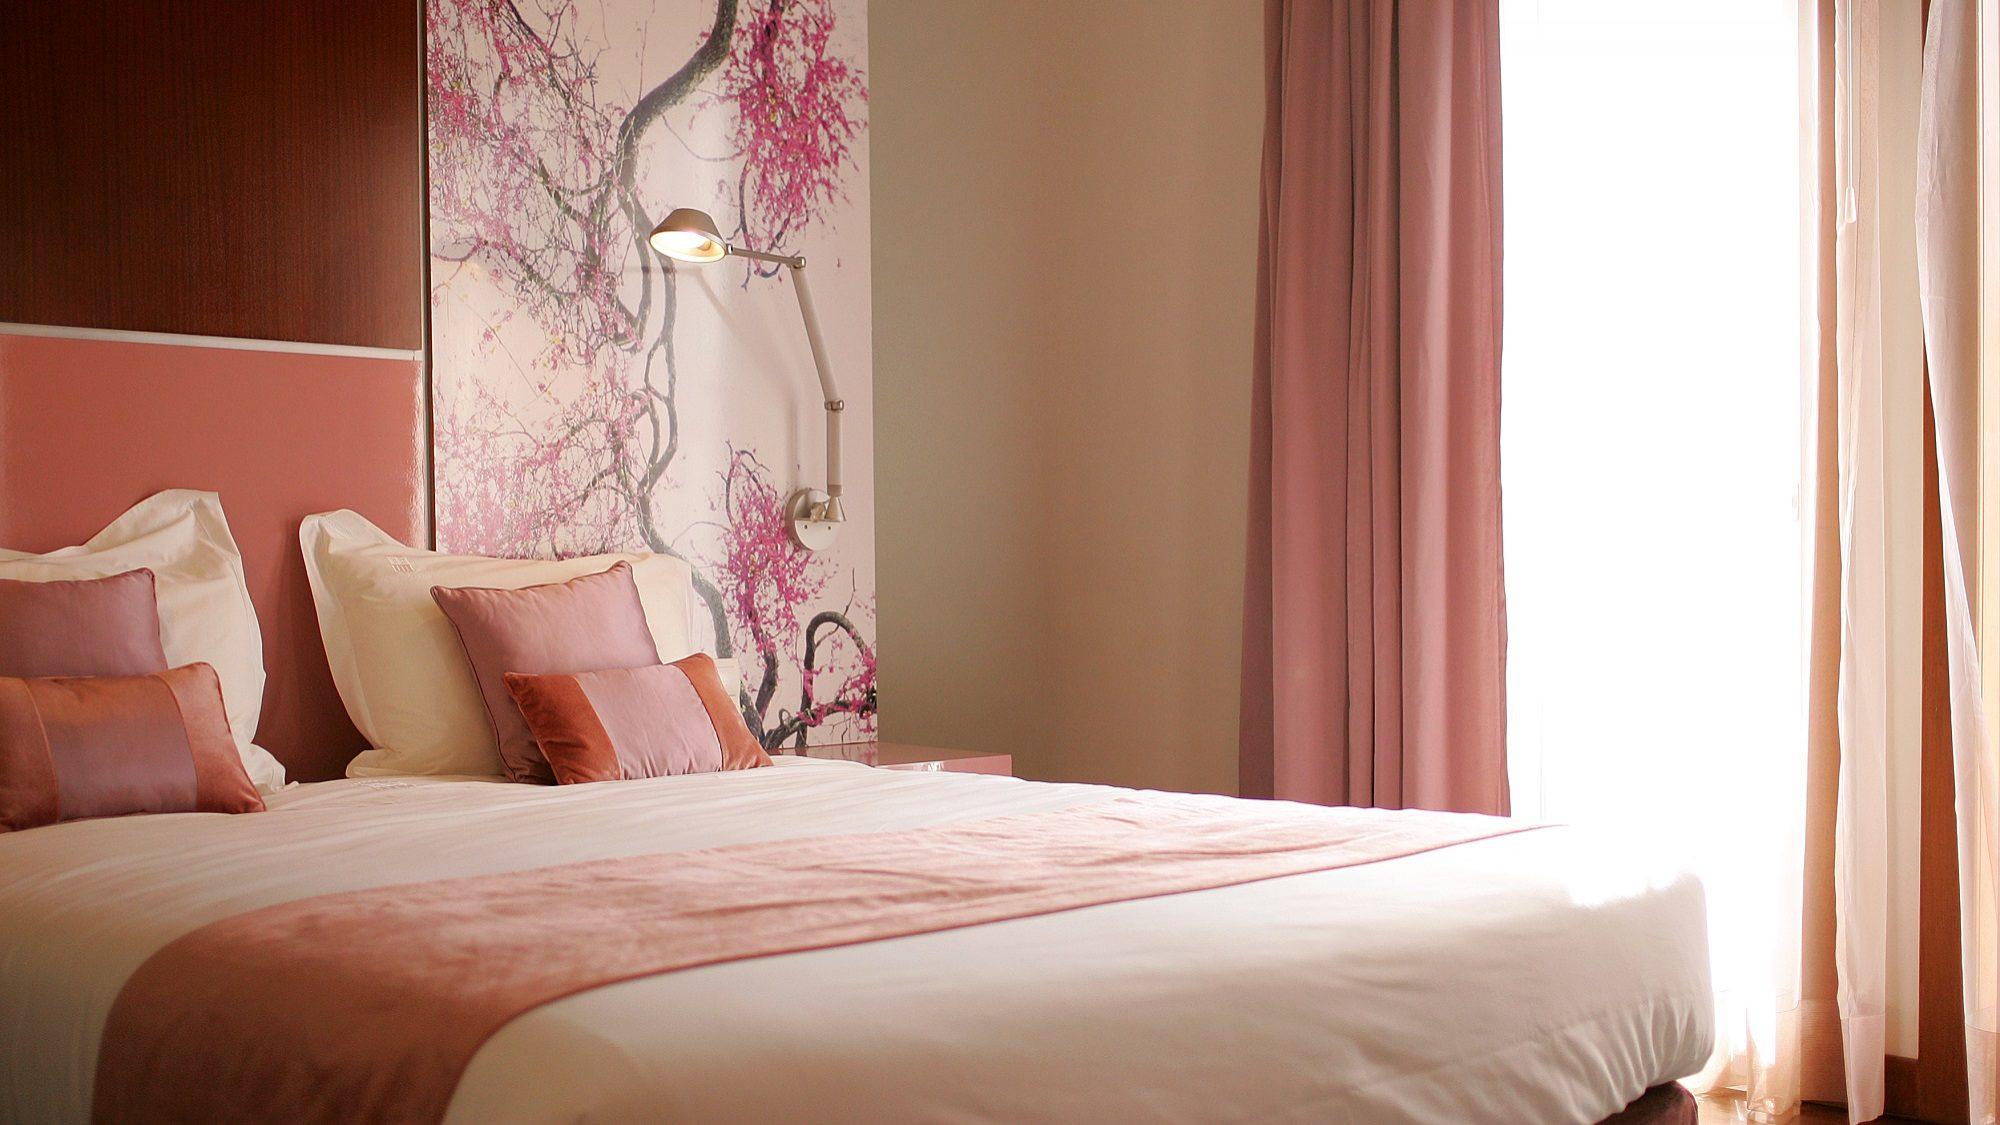 Arrendar quarto está cada vez mais caro. Em Lisboa, preço médio já vai em 323 euros